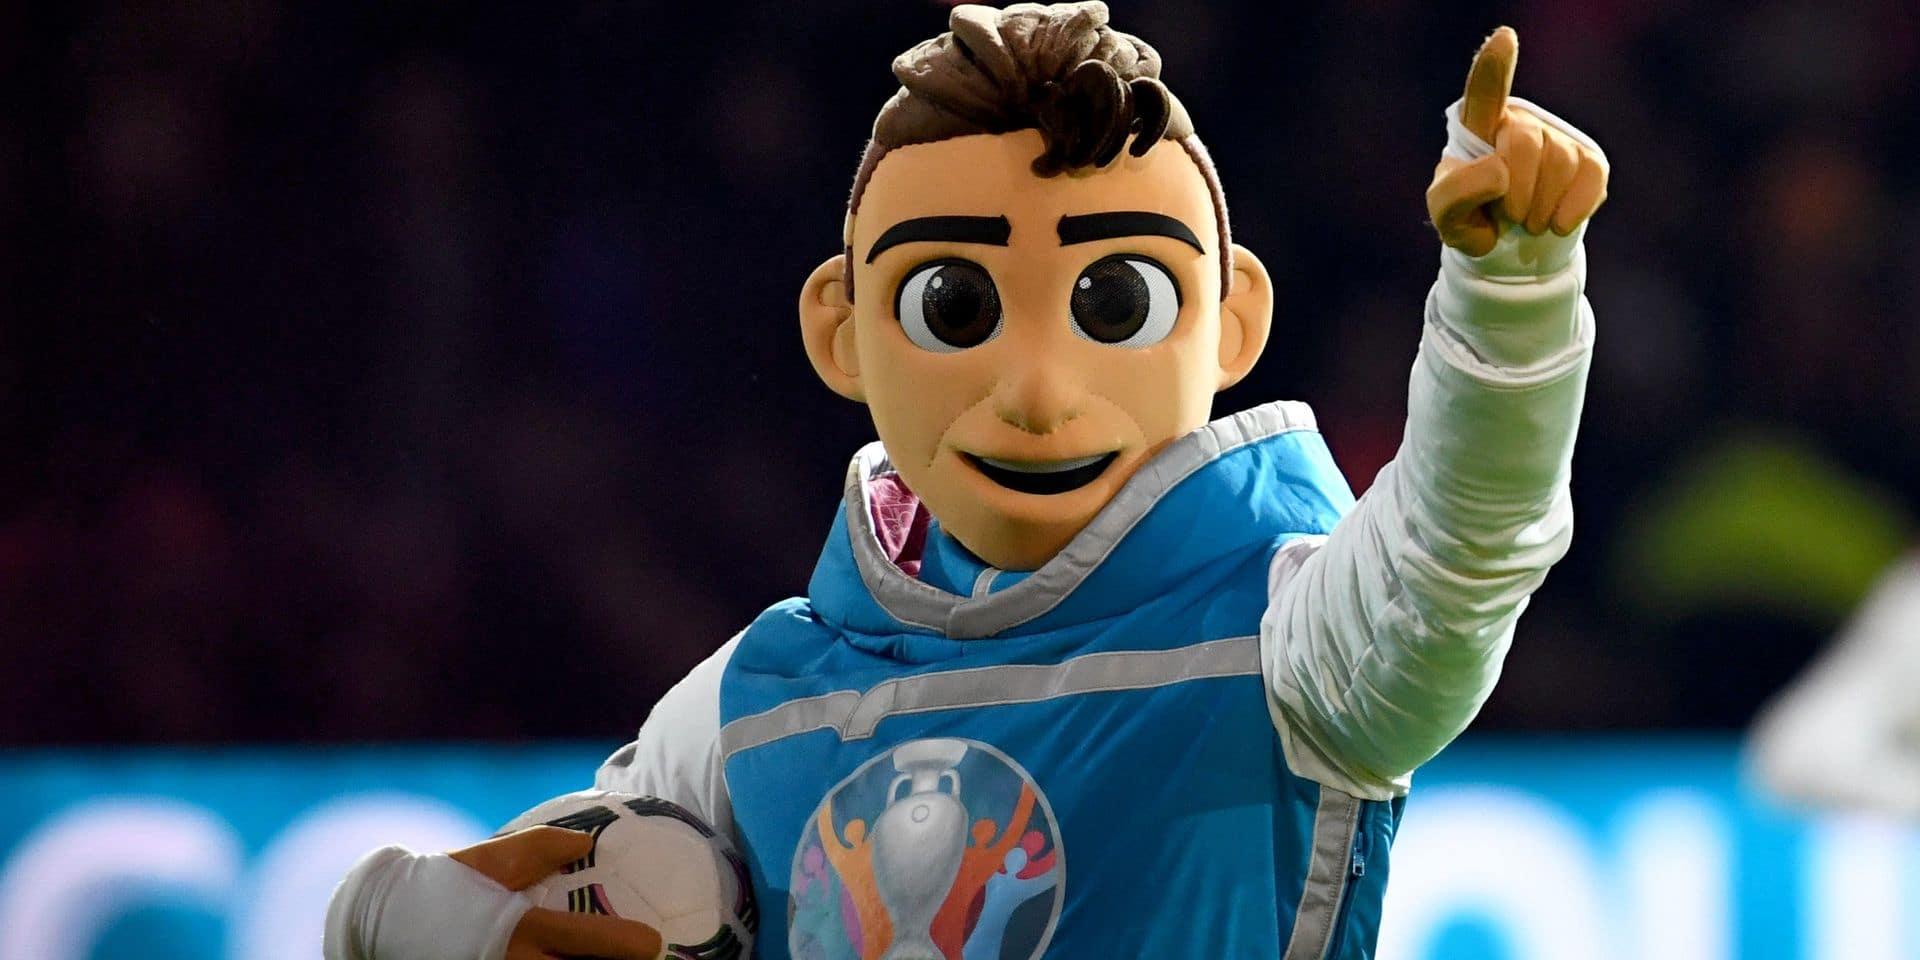 Euro 2020: La mascotte officielle présentée à Amsterdam